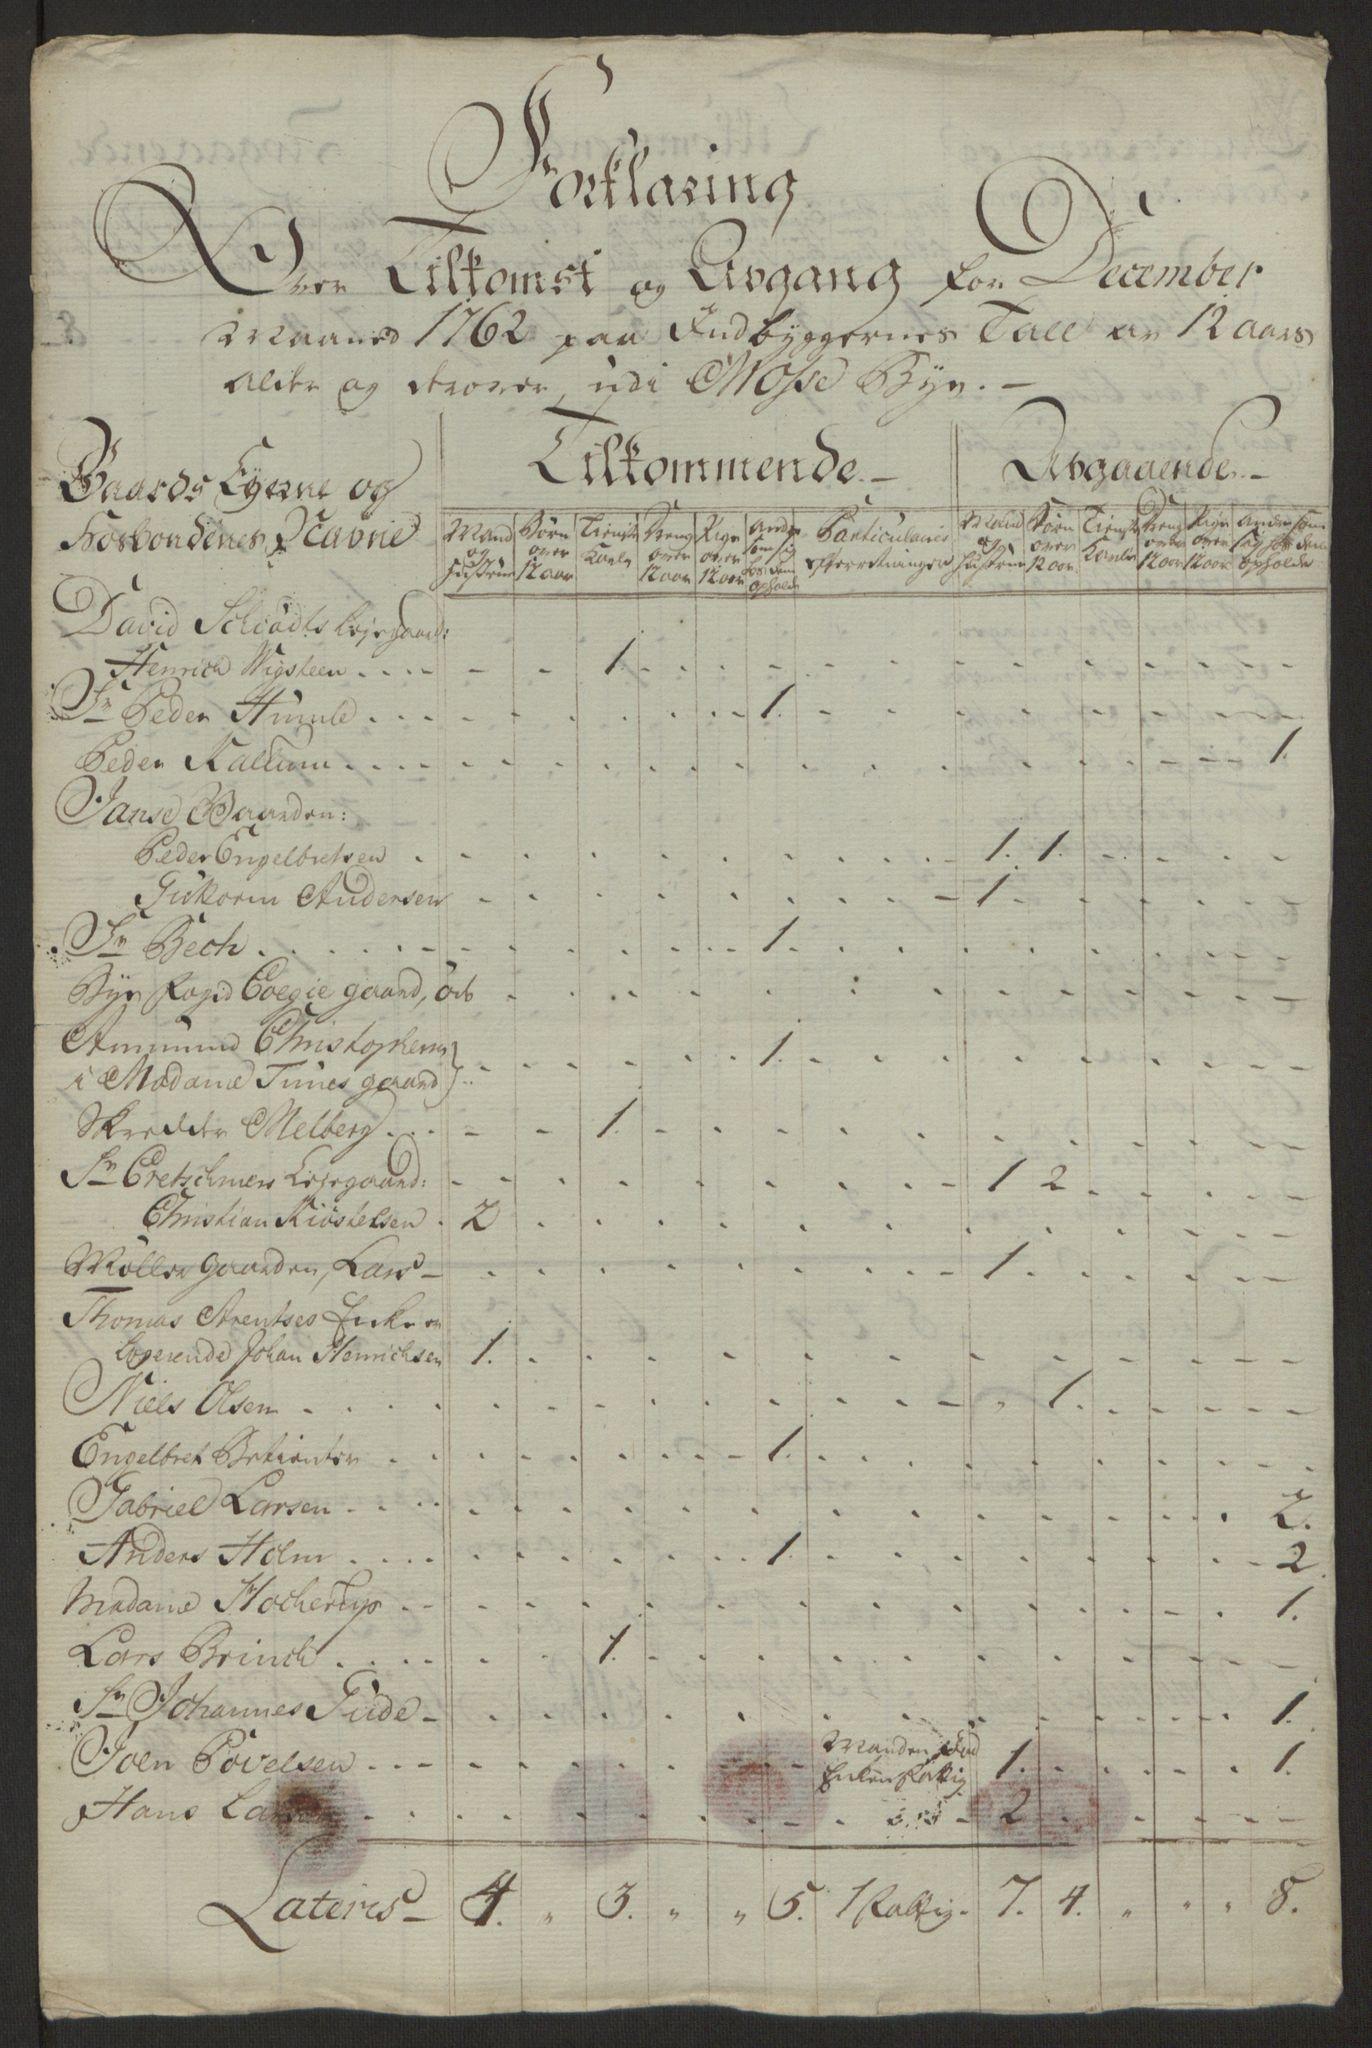 RA, Rentekammeret inntil 1814, Reviderte regnskaper, Byregnskaper, R/Rc/L0042: [C1] Kontribusjonsregnskap, 1762-1765, s. 42